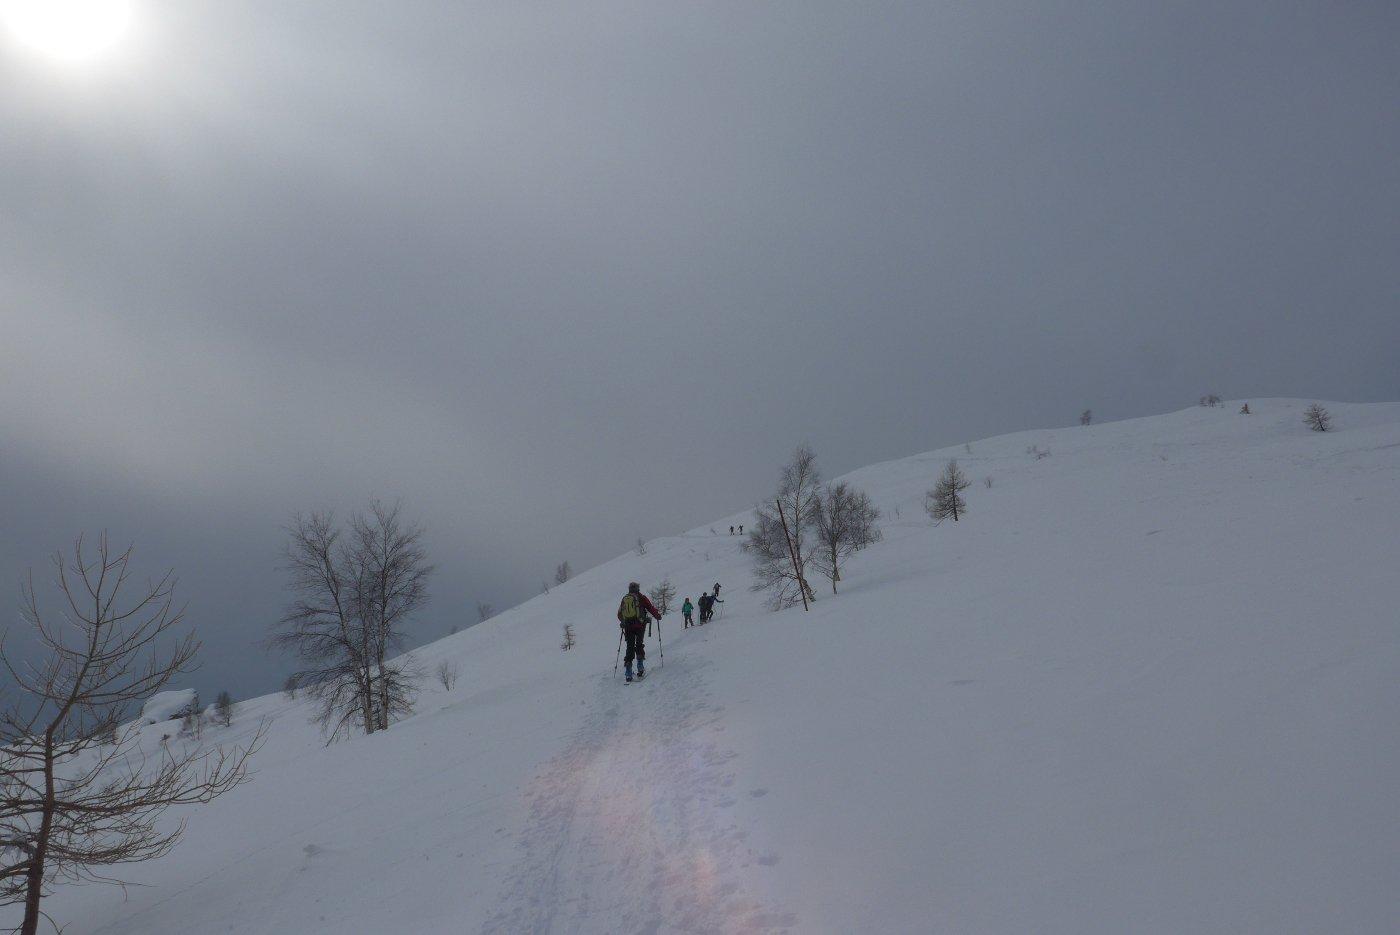 Cielo coperto alla partenza, ma la neve promette bene.